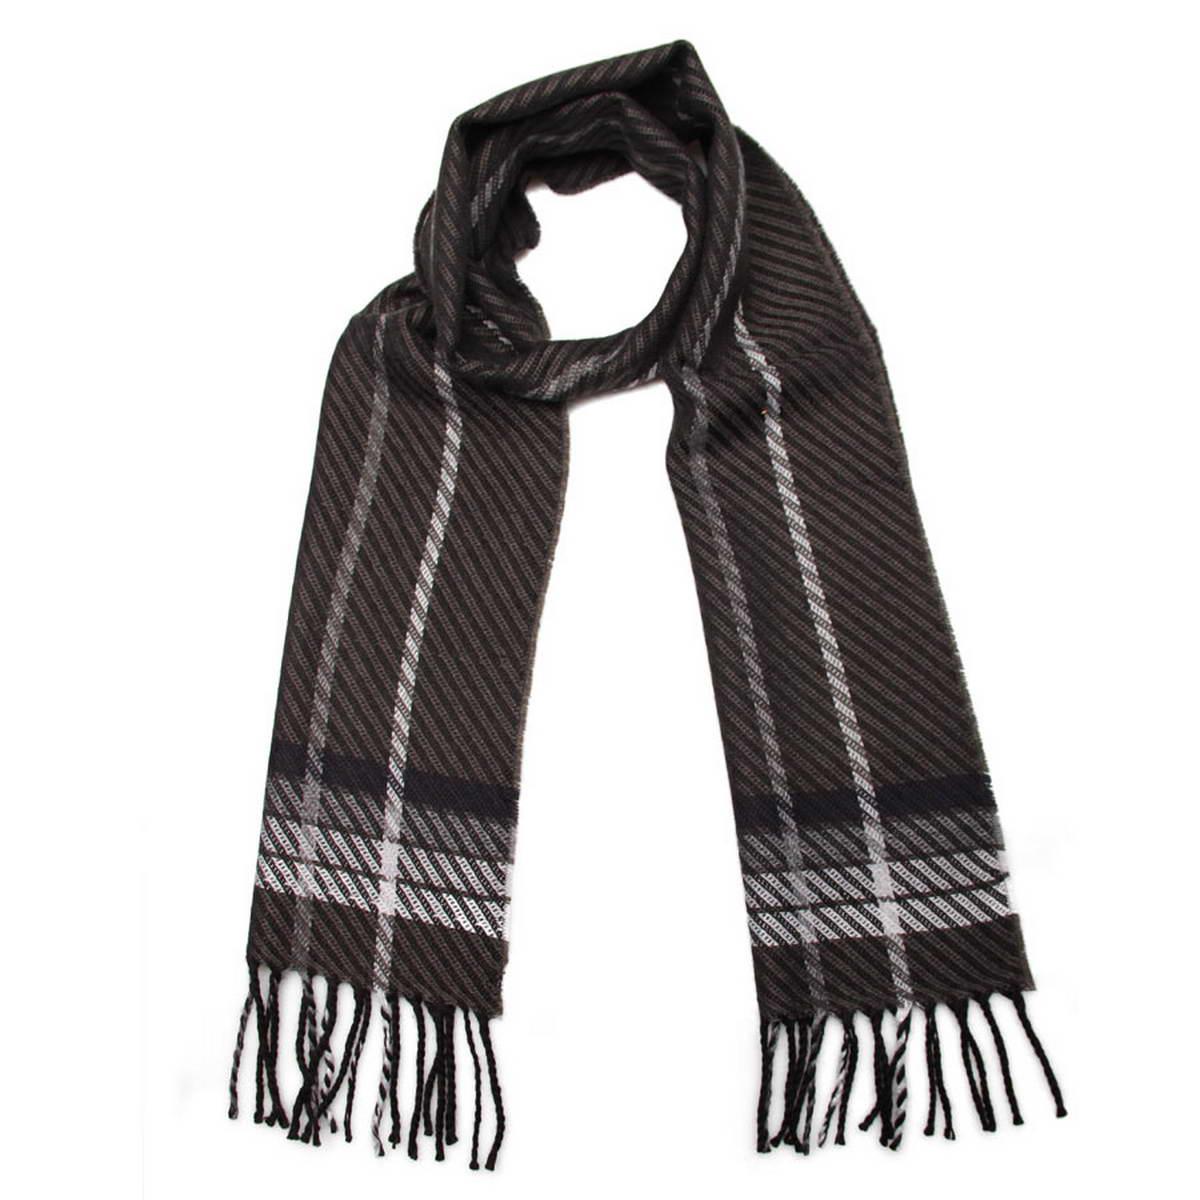 Шарф мужской. 5002832-45002832-4Элегантный мужской шарф Venera согреет вас в холодное время года, а также станет изысканным аксессуаром, который призван подчеркнуть ваш стиль и индивидуальность. Оригинальный теплый шарф выполнен из высококачественной пряжи на основе шерсти с добавлением акрила. Шарф оформлен узором в полоску и дополнен жгутиками по краю. Такой шарф станет превосходным дополнением к любому наряду, защитит вас от ветра и холода и позволит вам создать свой неповторимый стиль.